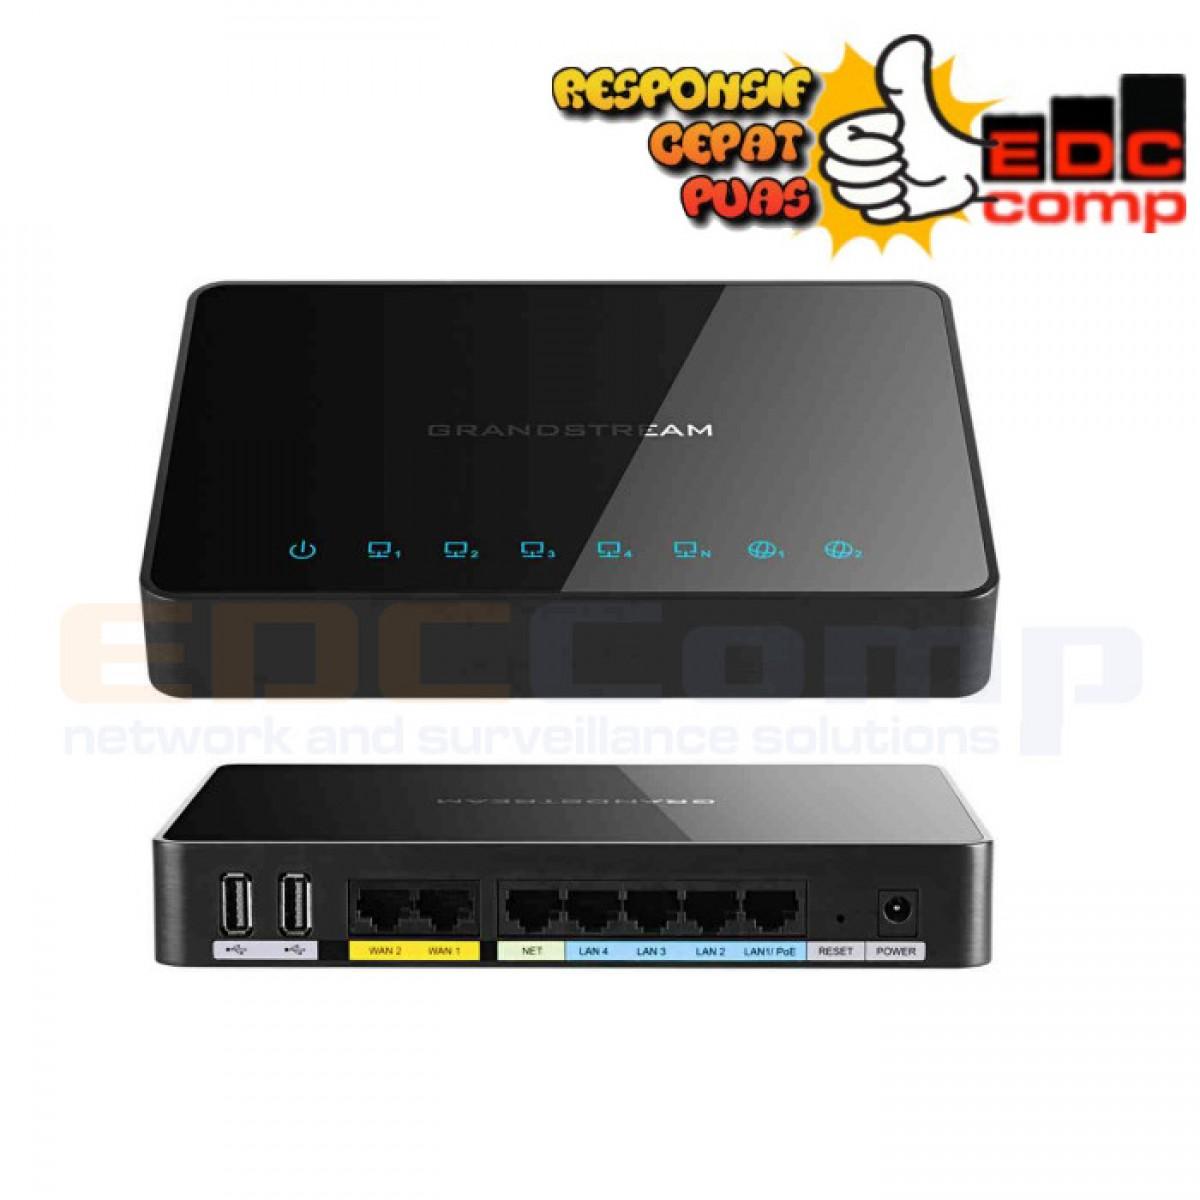 Grandstream GWN7000 Gigabit VPN Router - EdcComp